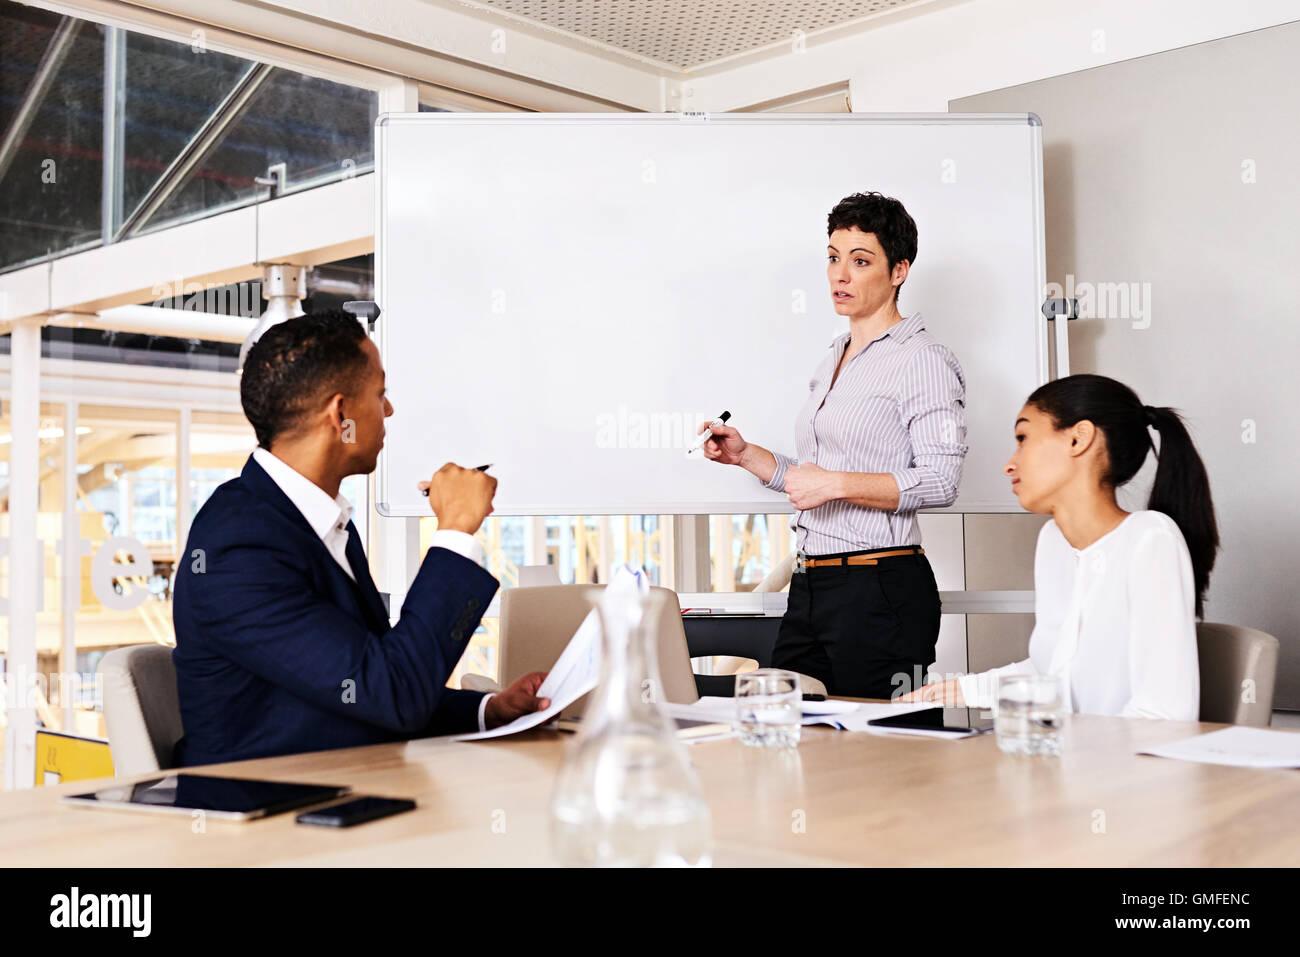 Madurez empresaria caucásicos dando una presentación a sus compañeros miembros de la junta directiva Imagen De Stock